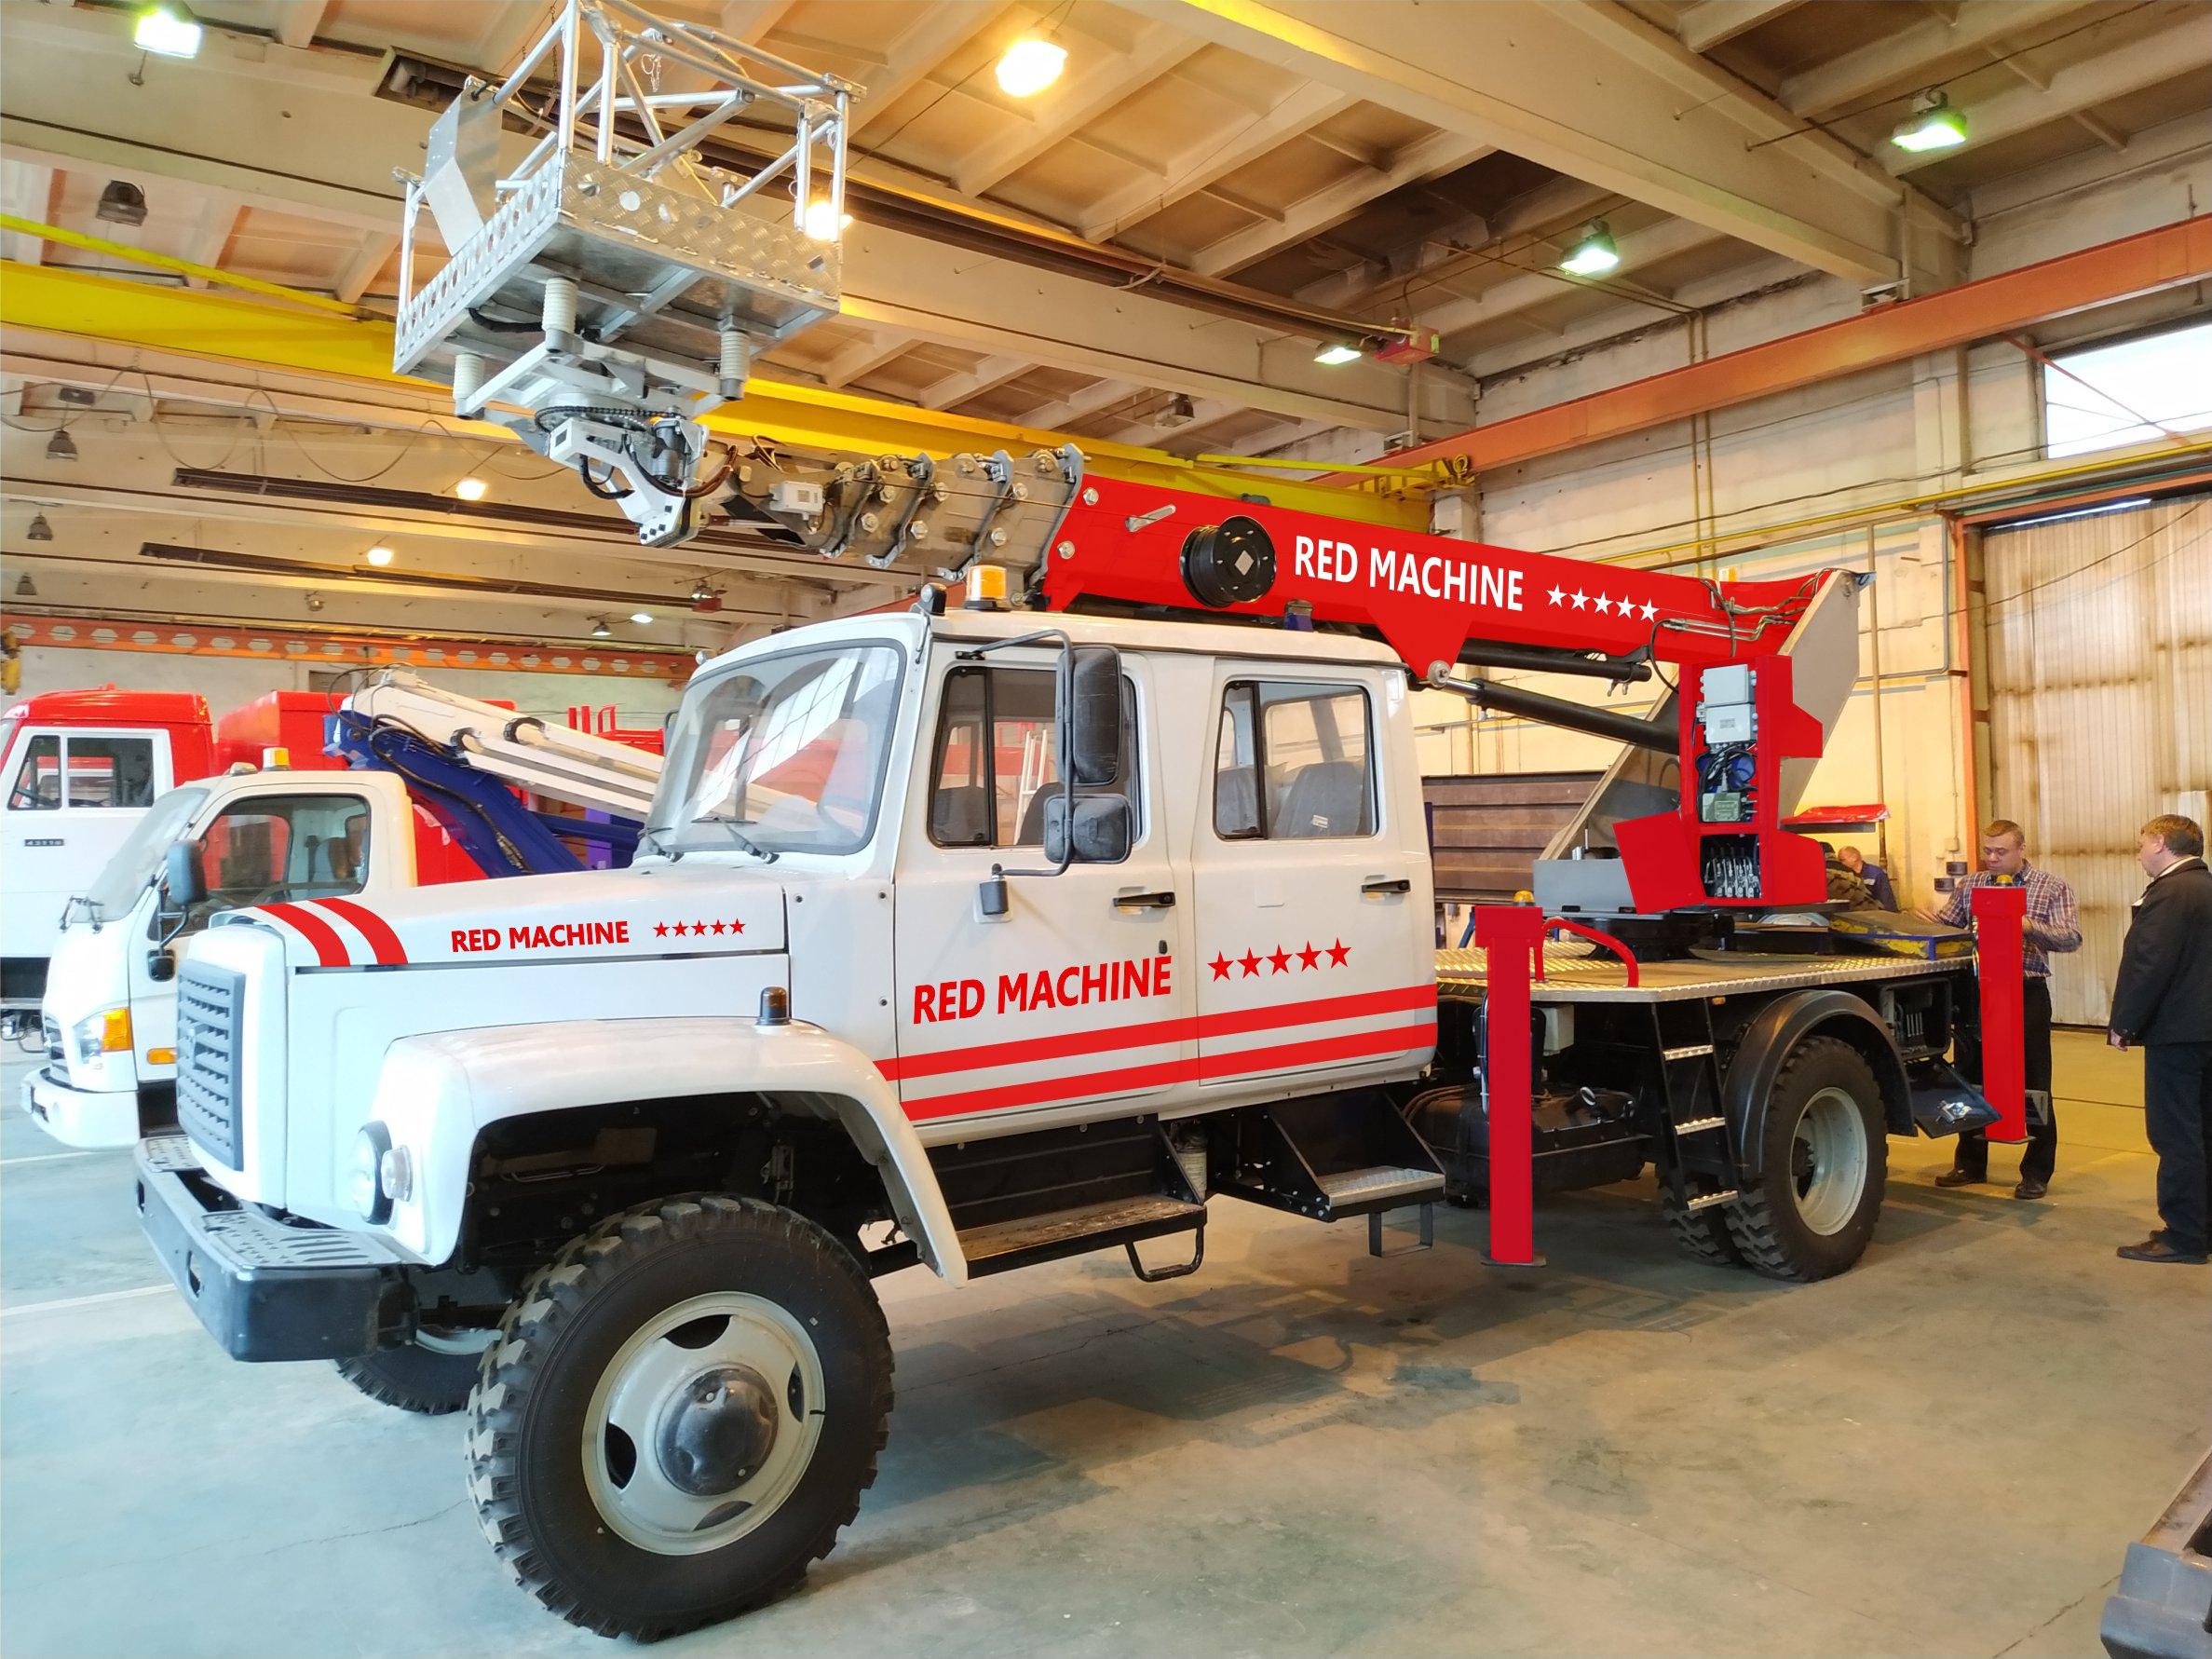 Оформление автогидроподъёмника,  бренд - RED MACHINE фото f_6415e1792b8092a2.jpg